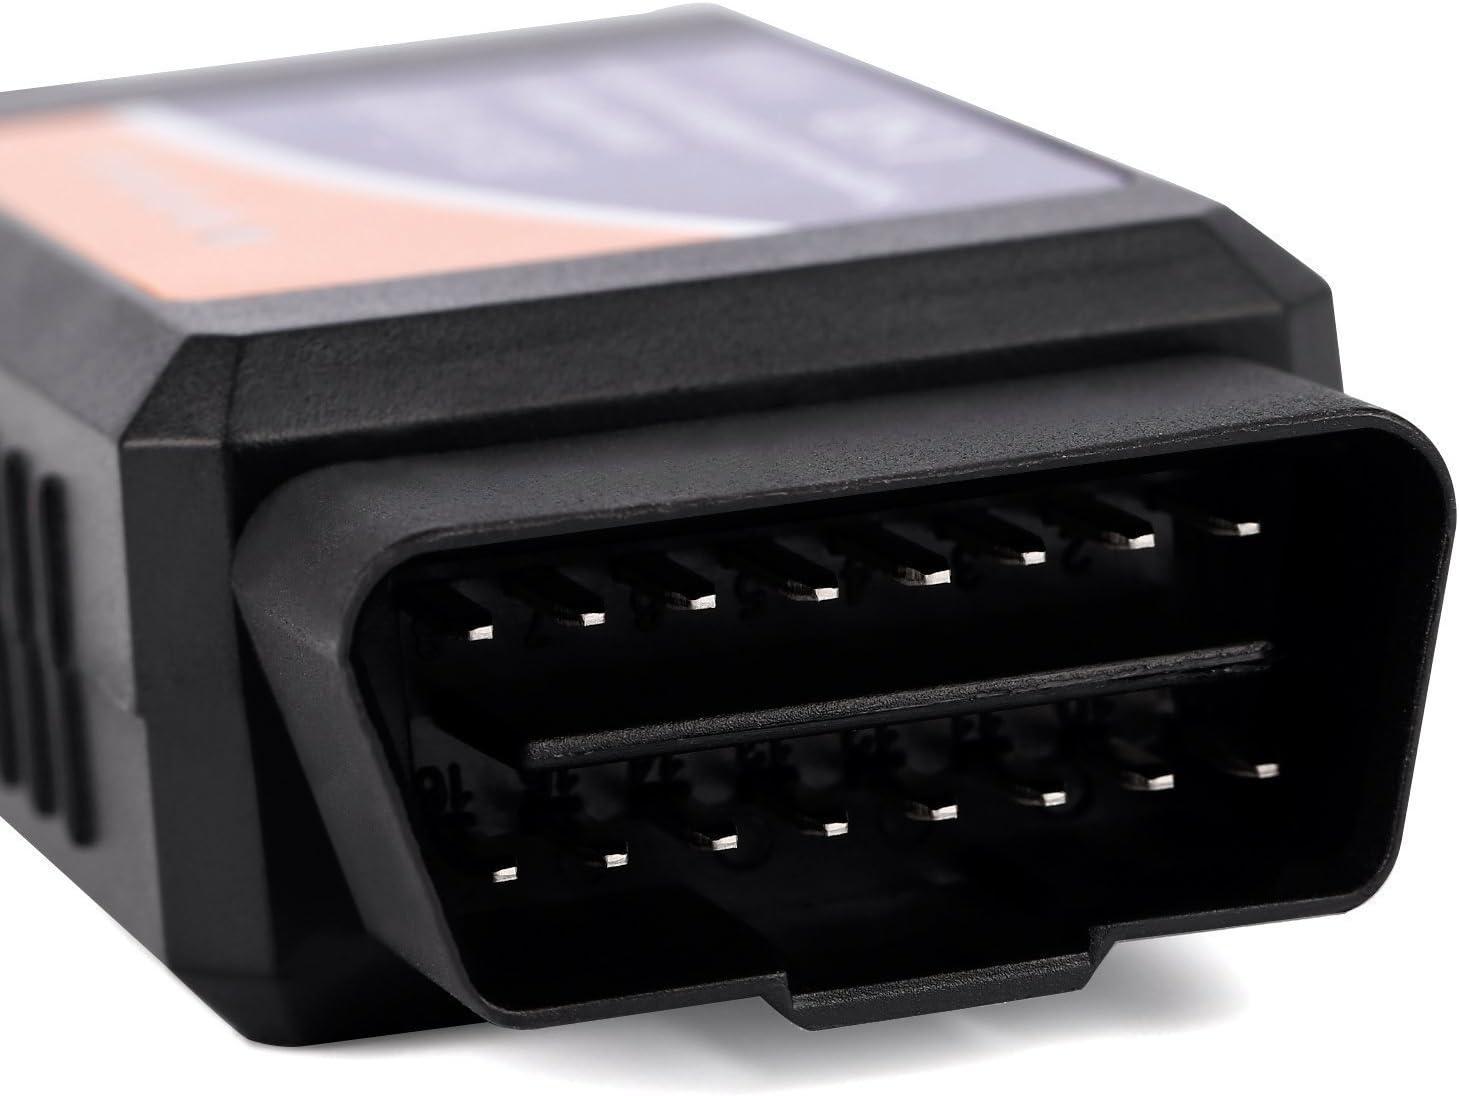 Mini OBD2/ELM327/Bluetooth und Wireless WiFi Schnittstelle f/ür Autos Engine Fault Scanner Tester Diagnose unterst/ützt iPhones Android Torque PC von trimmen Shop